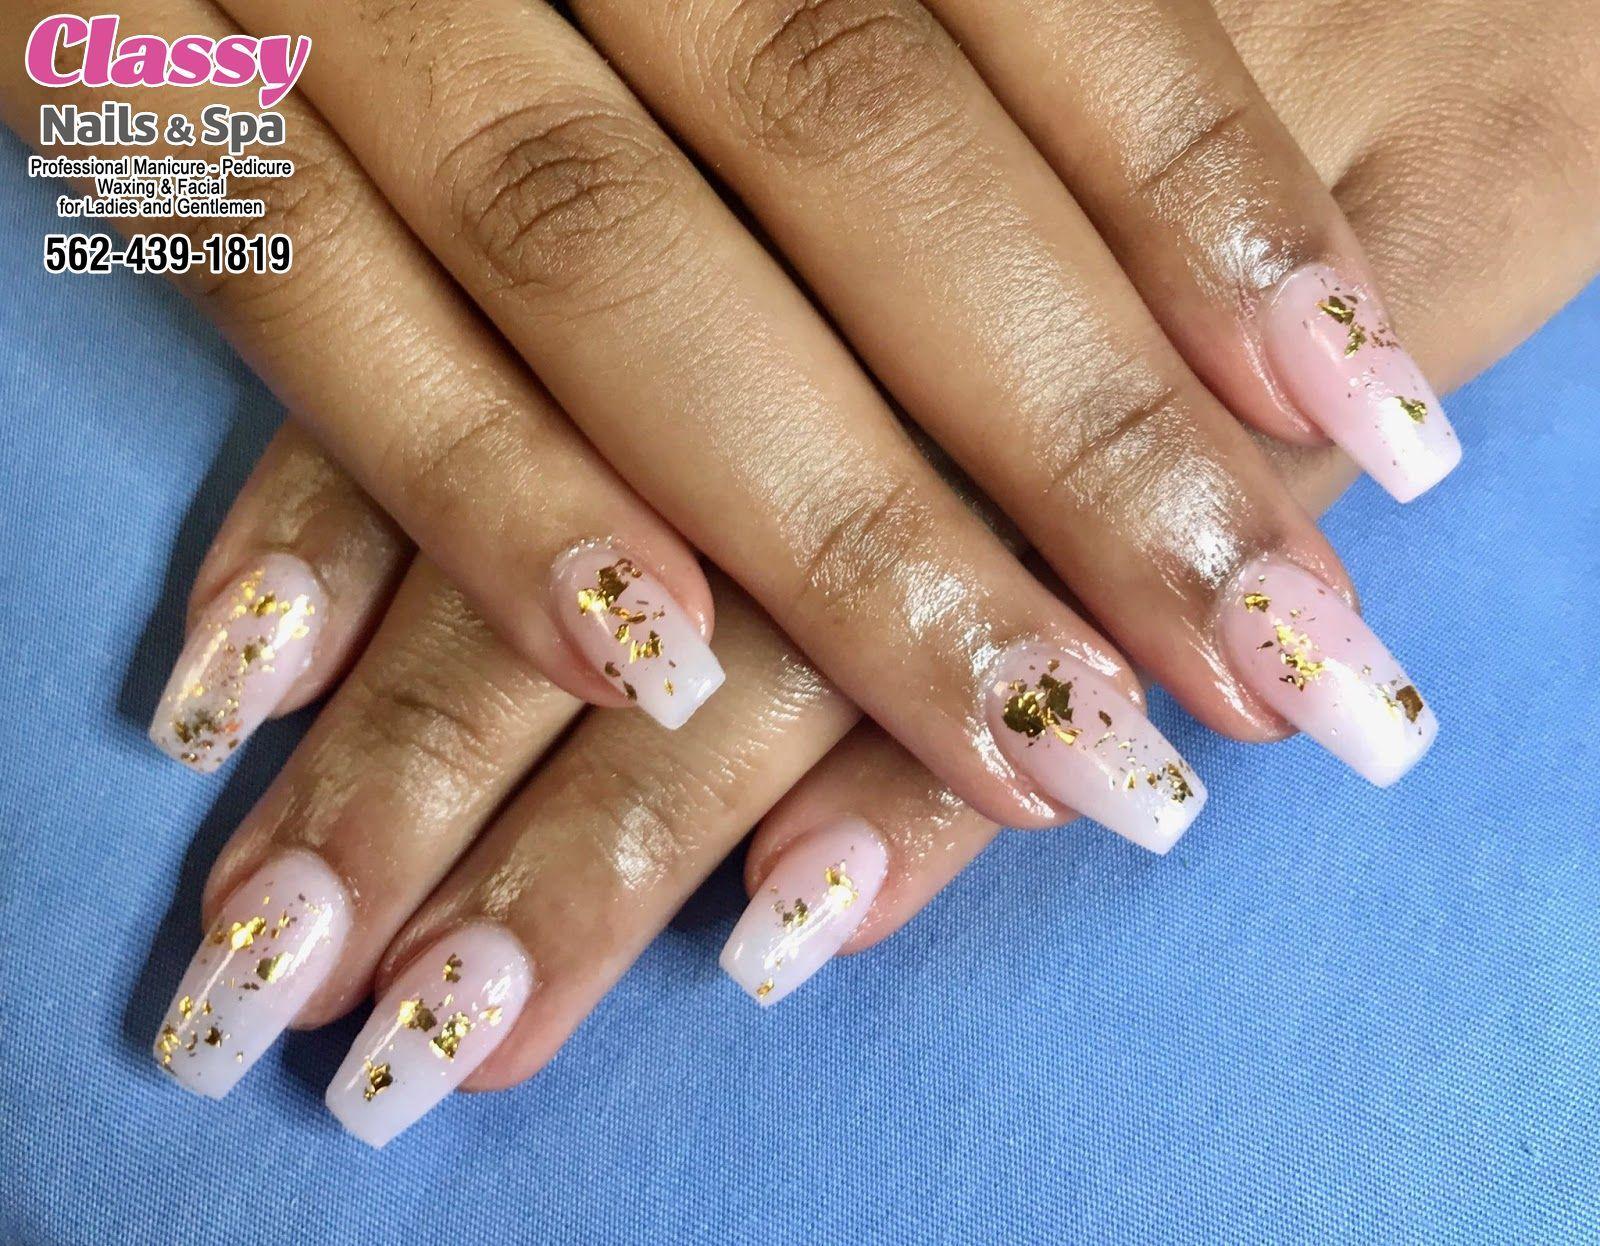 Classy Nails Spa Nail Salon Long Beach Classy Nails Nail Spa Swag Nails